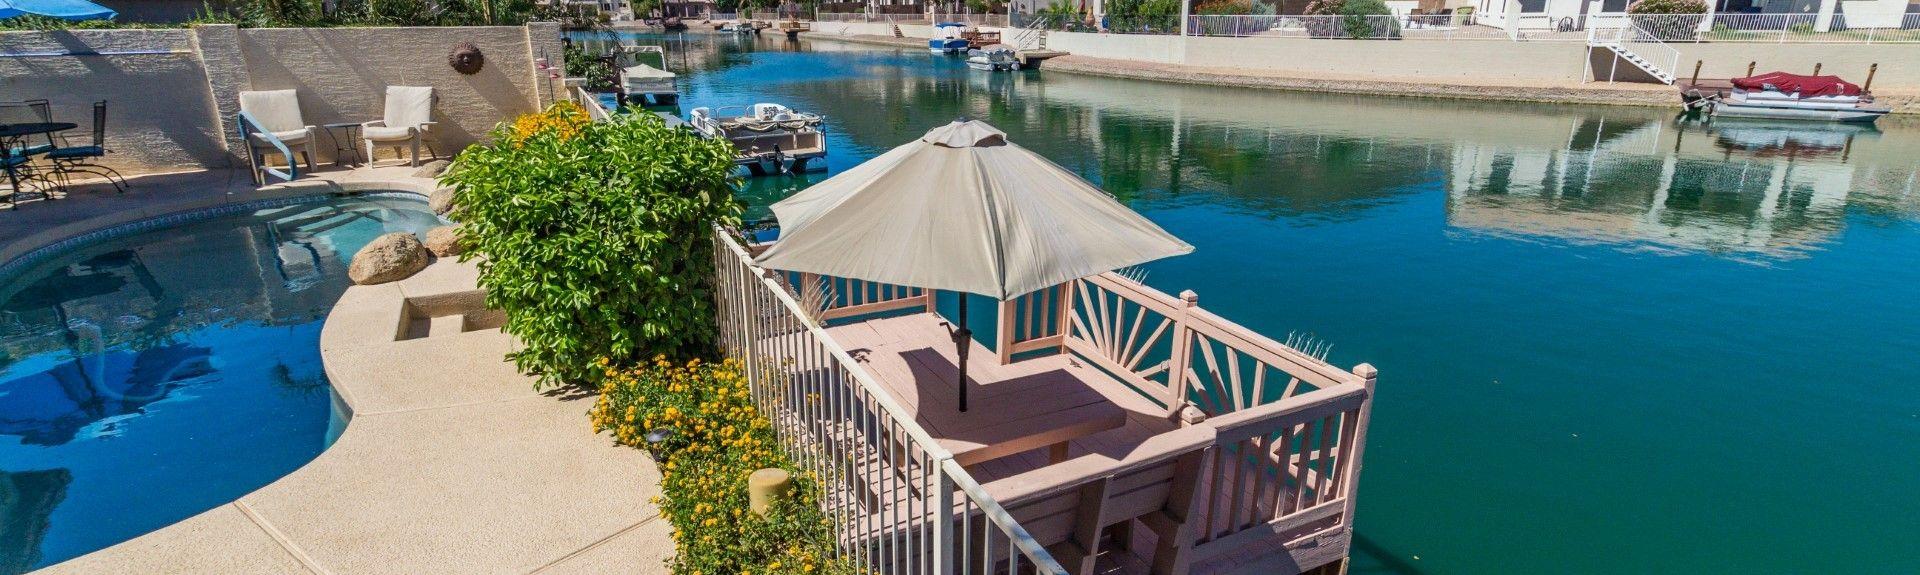 Arrowhead Lakes, Glendale, Arizona, États-Unis d'Amérique